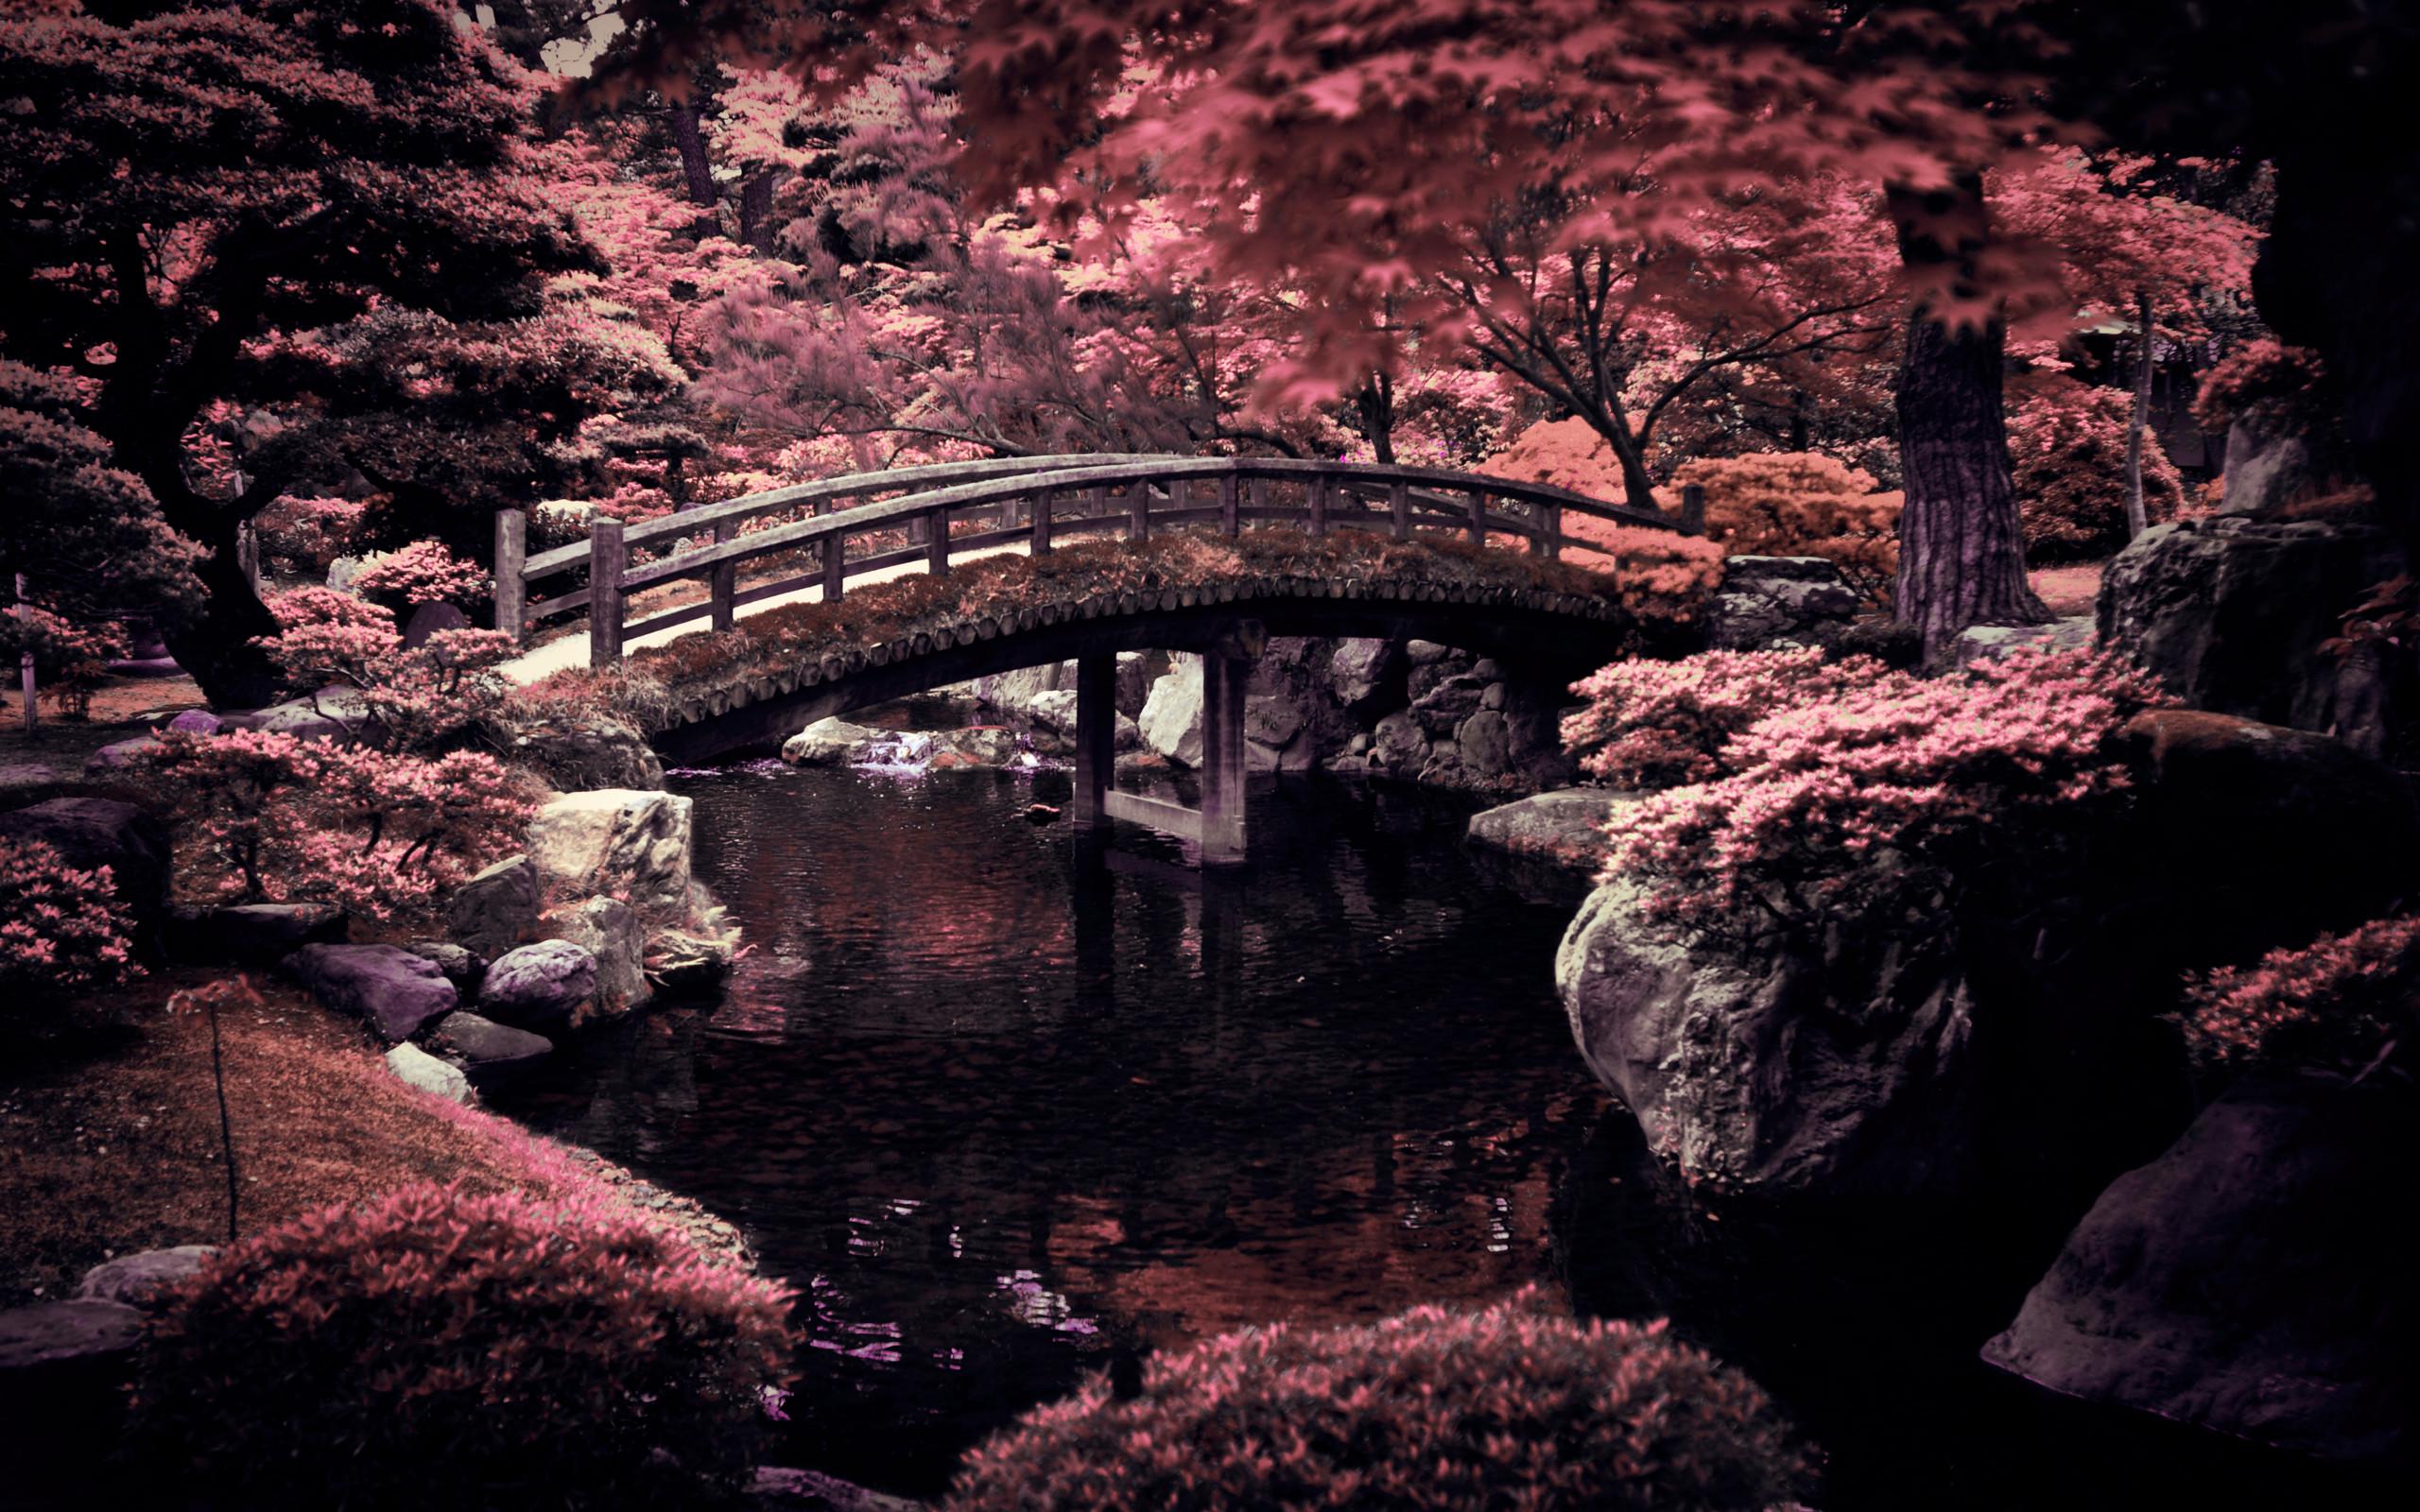 Imperial Garden Japan Wallpaper, Desktop | Wallpapers